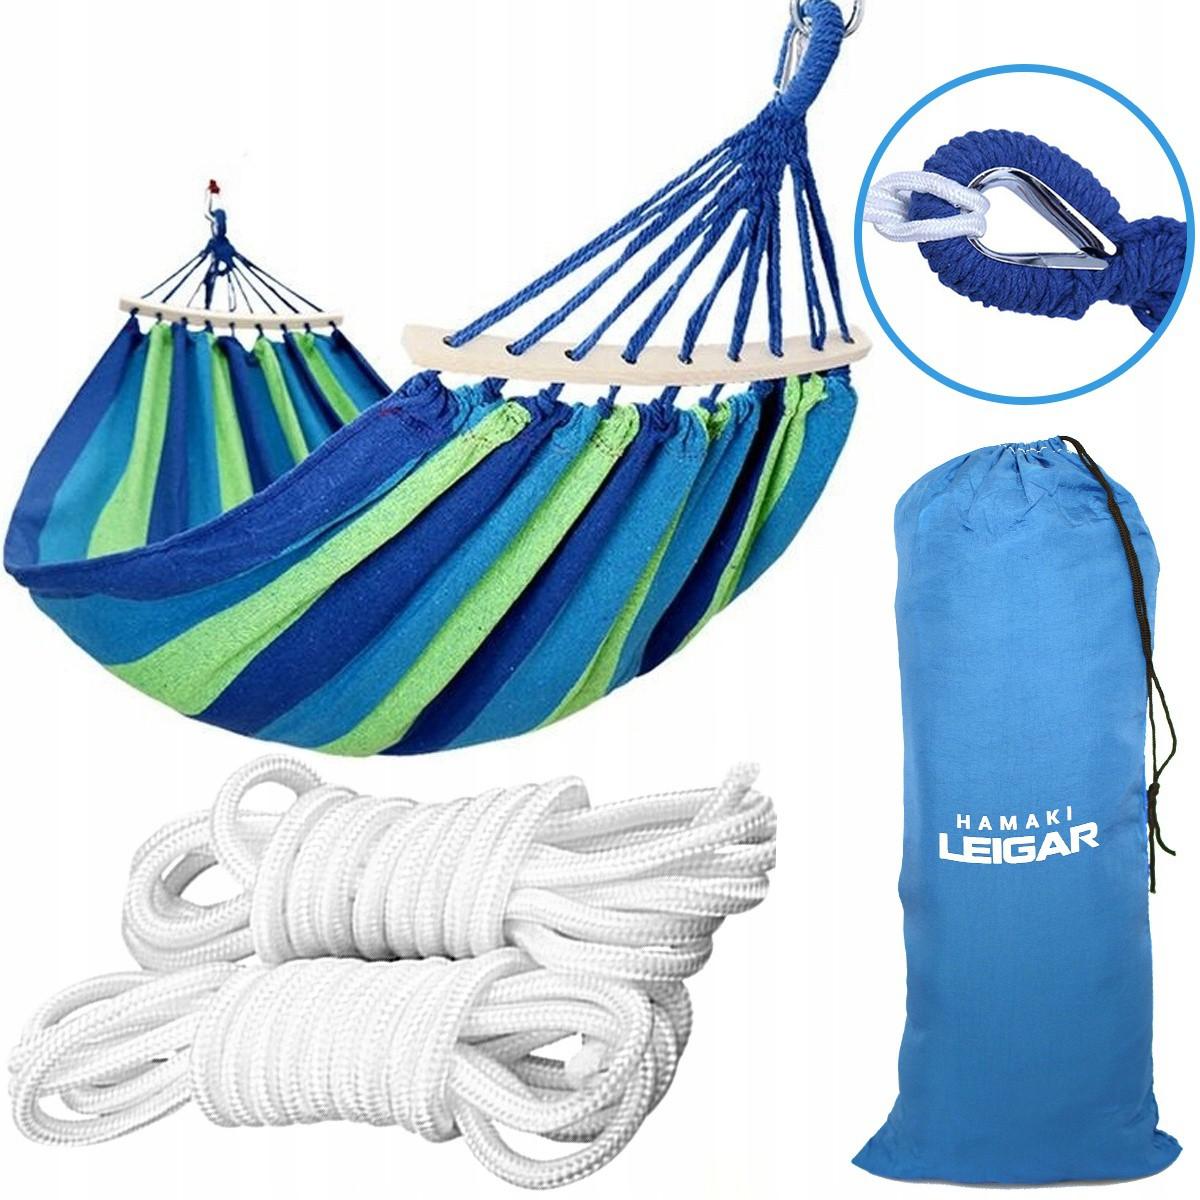 houpací síť pro 2 osoby 260x160cm 240kg + příslušenství a taška megamix.shop